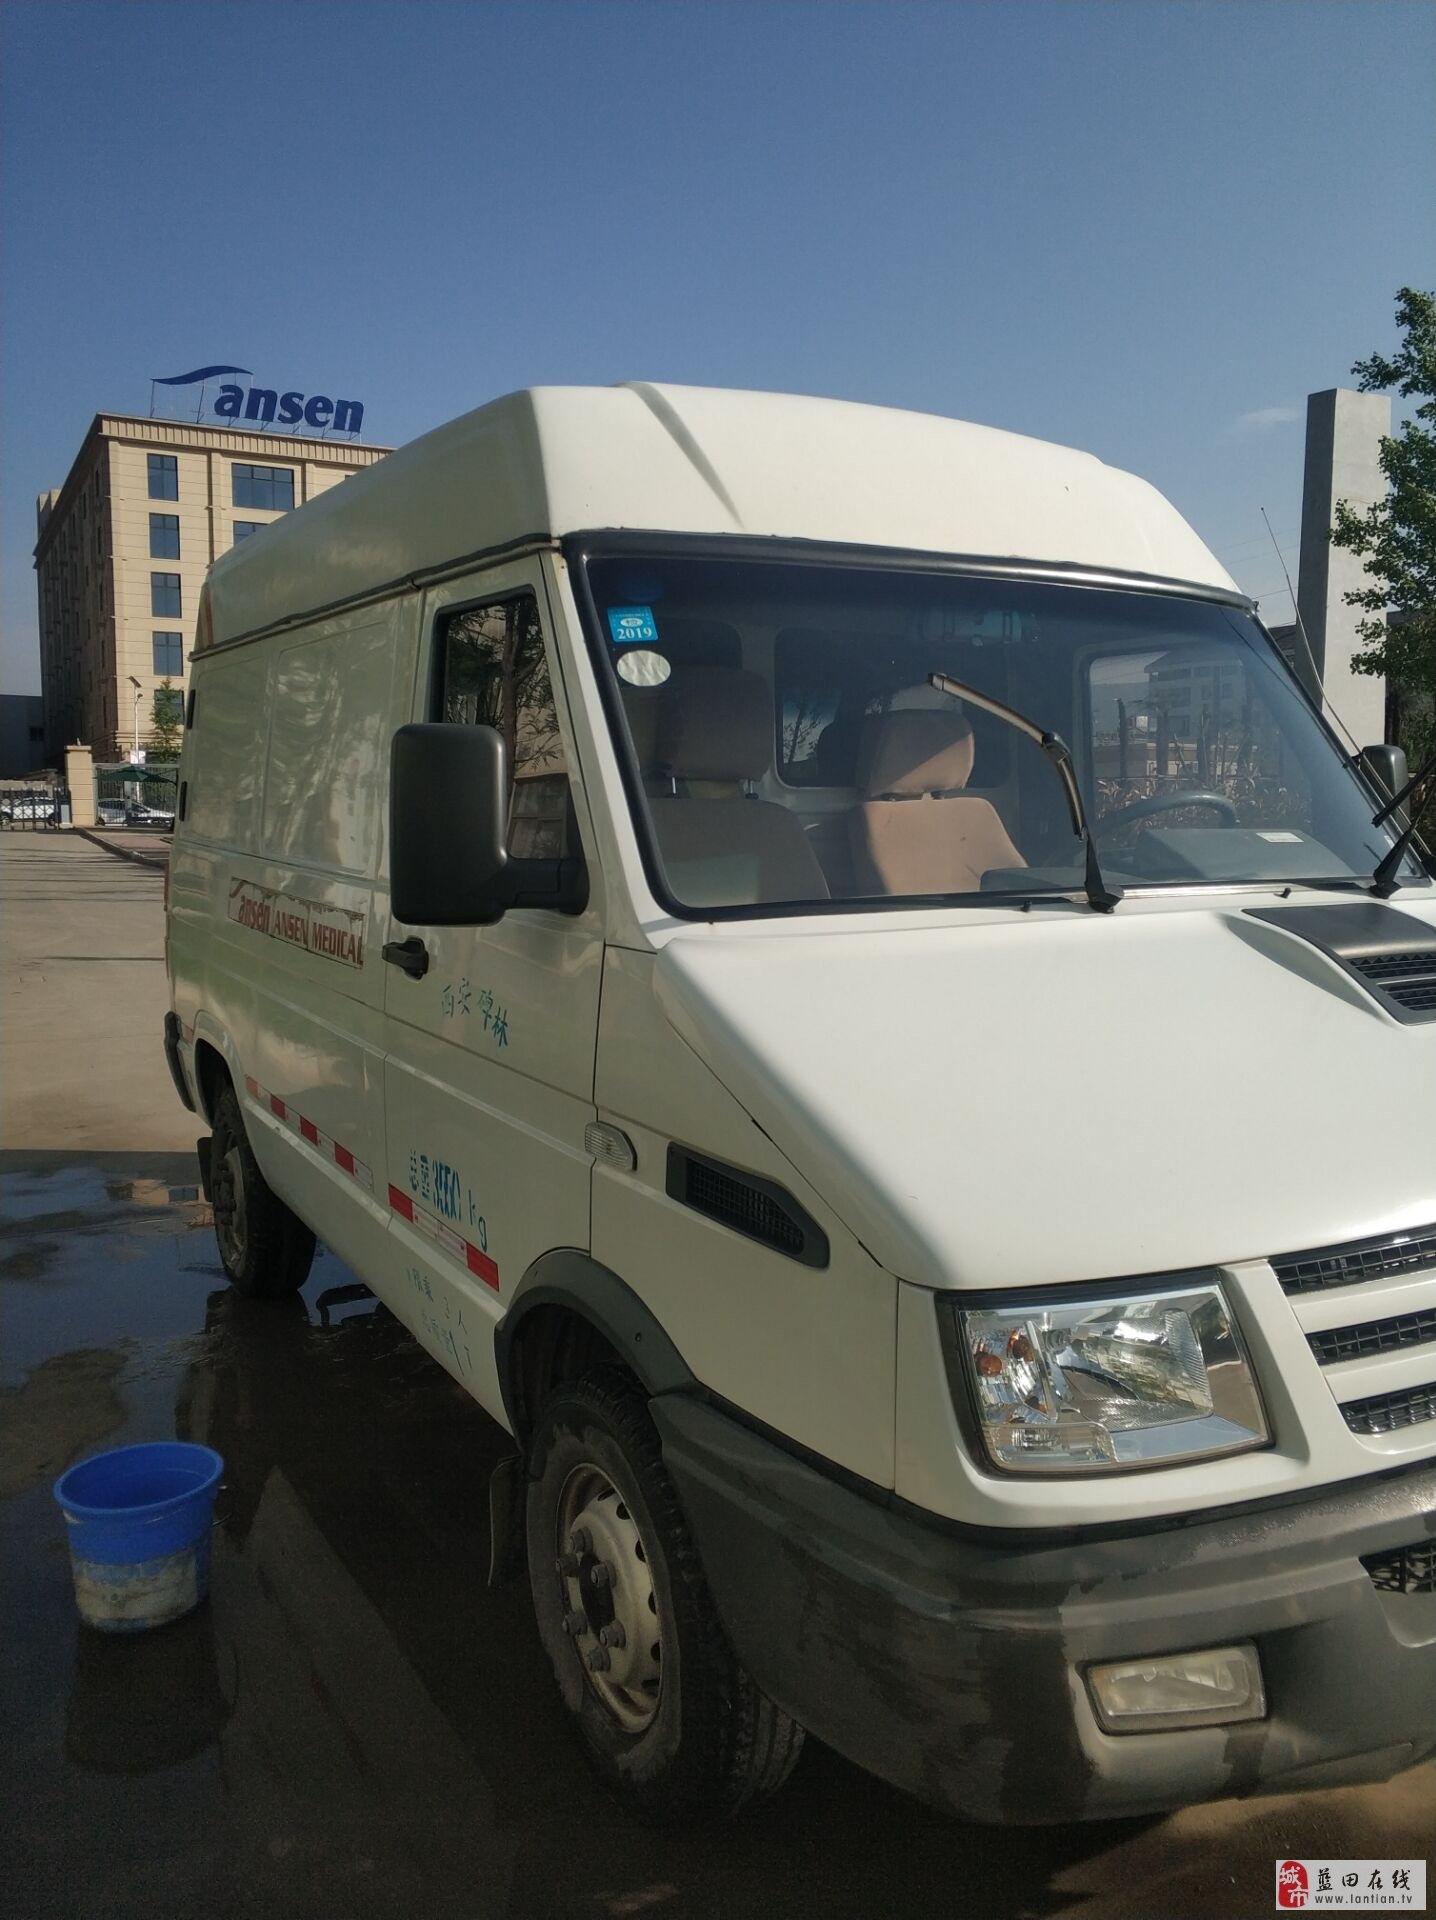 出售轻型厢式依维柯货车,手续齐全,价格可议,随时看